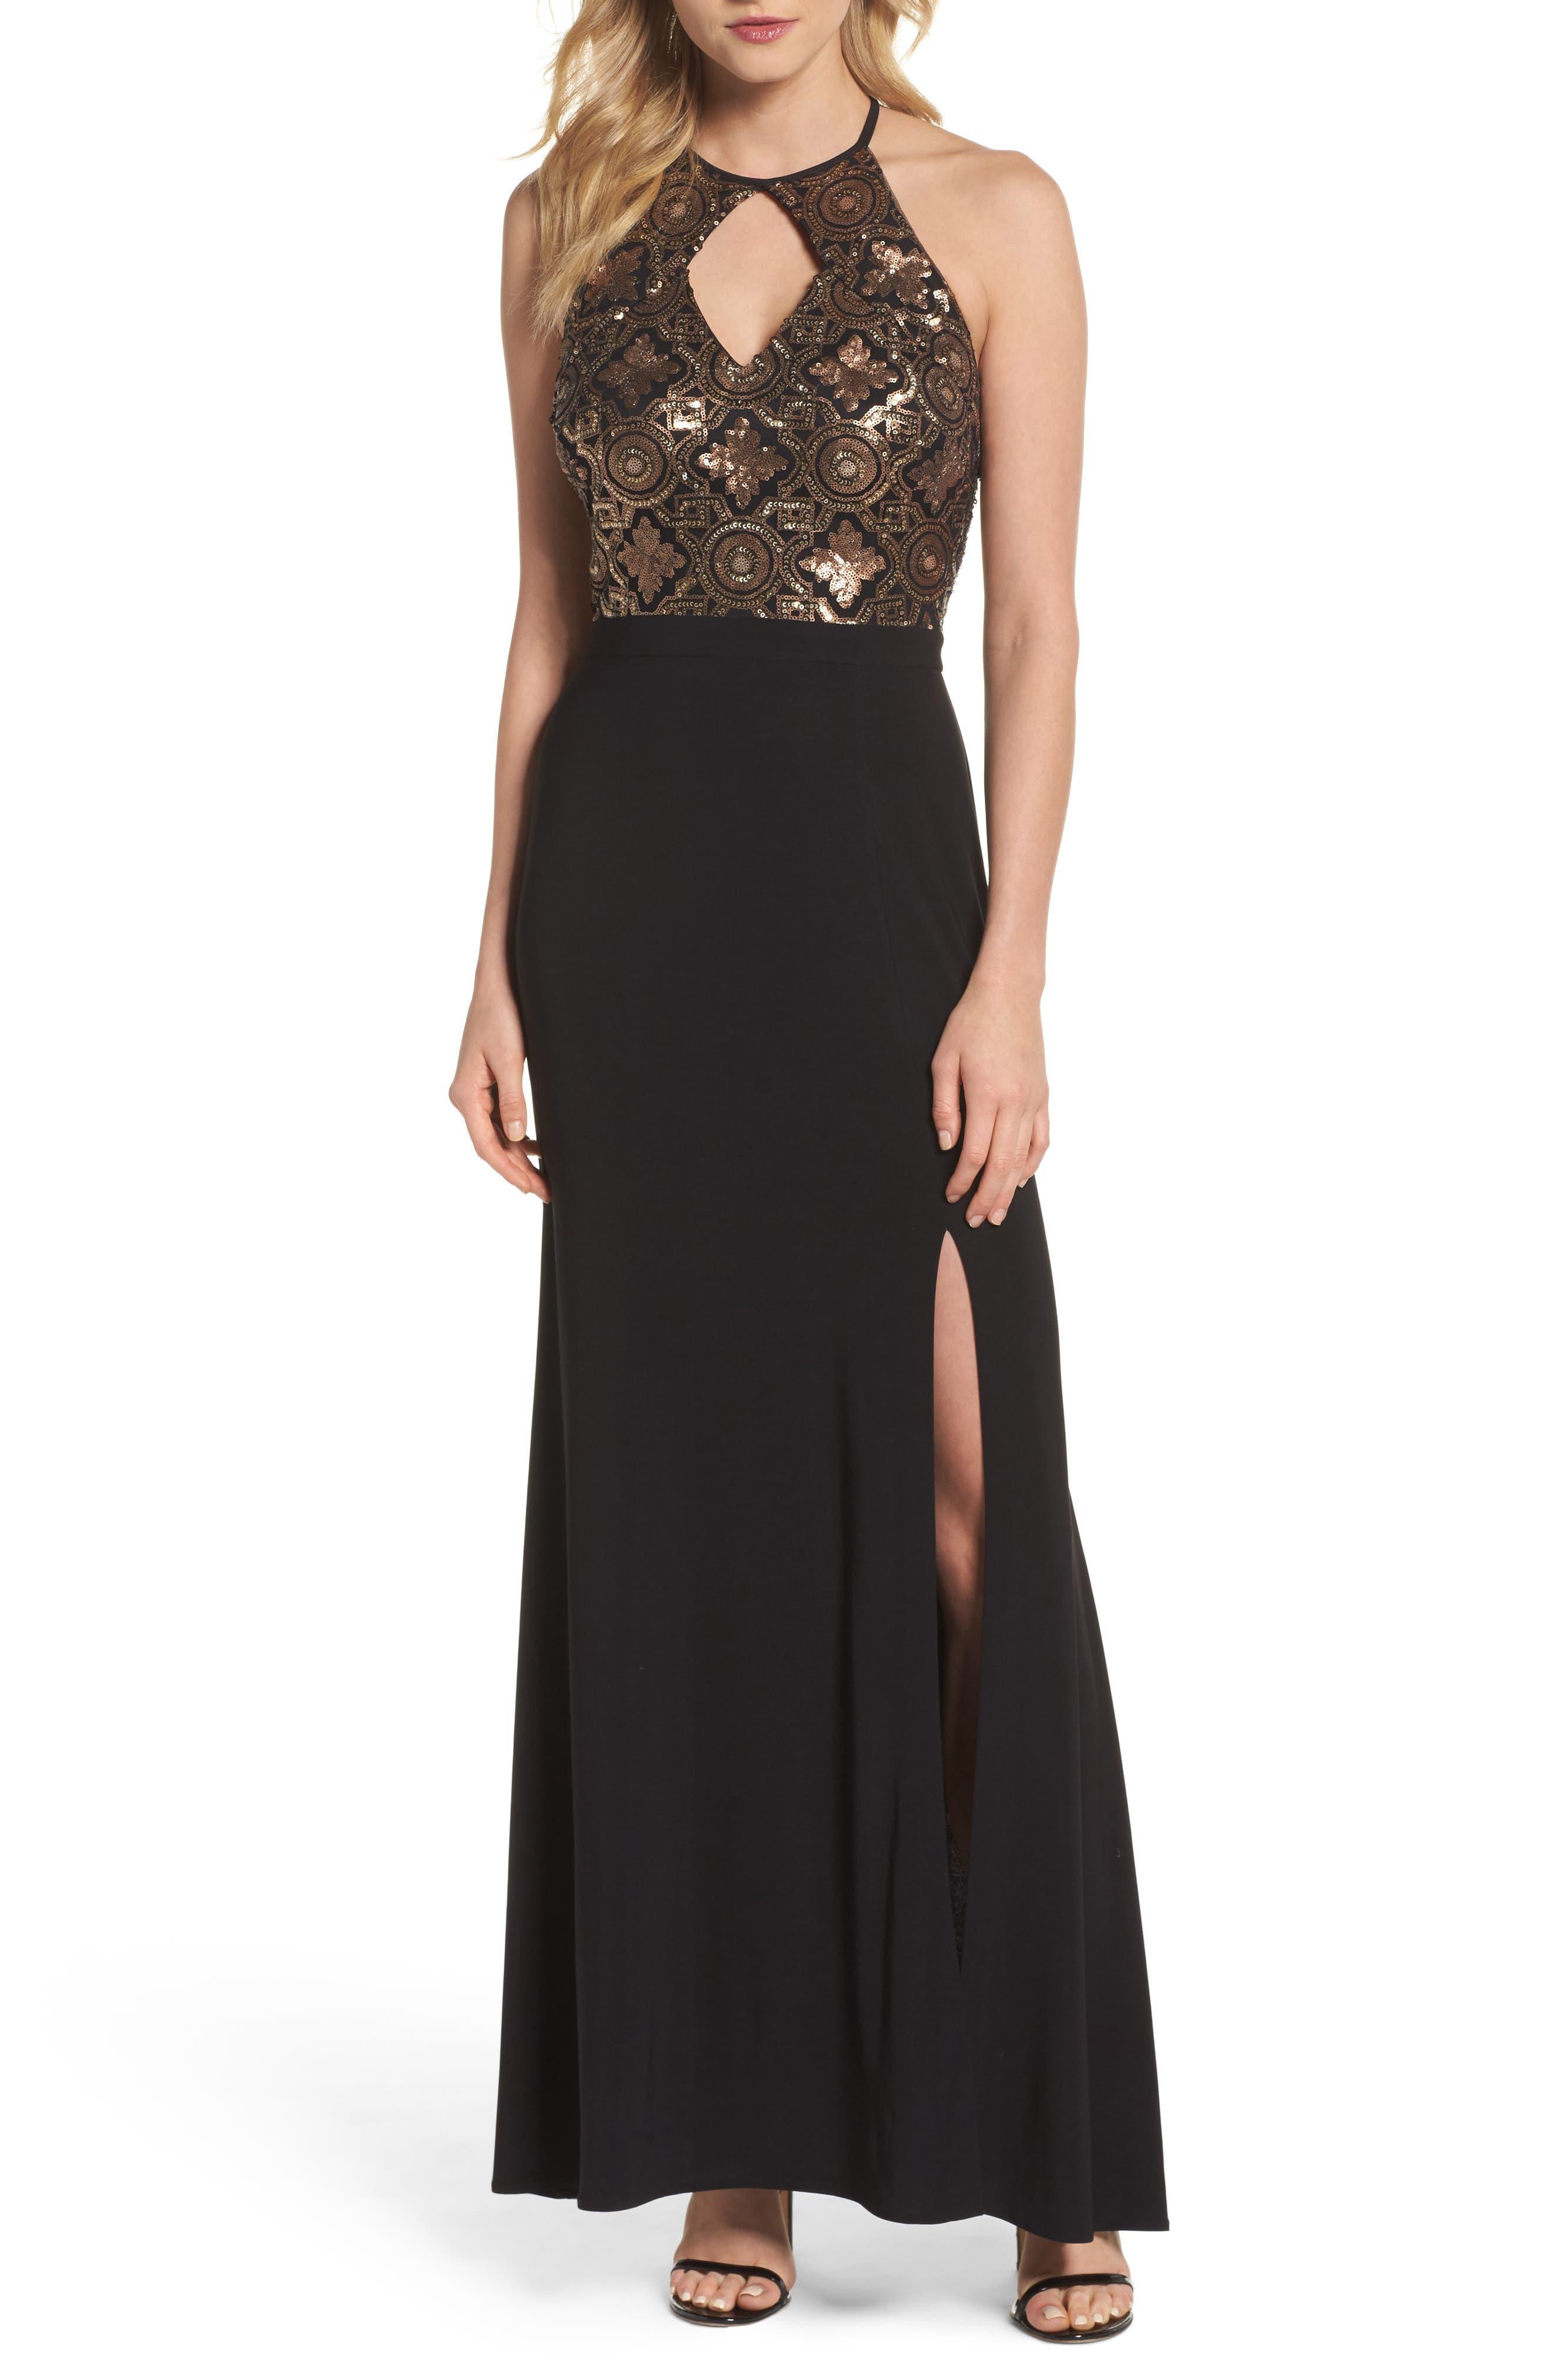 Morgan & Co. Sequin Cutout Bodice Gown